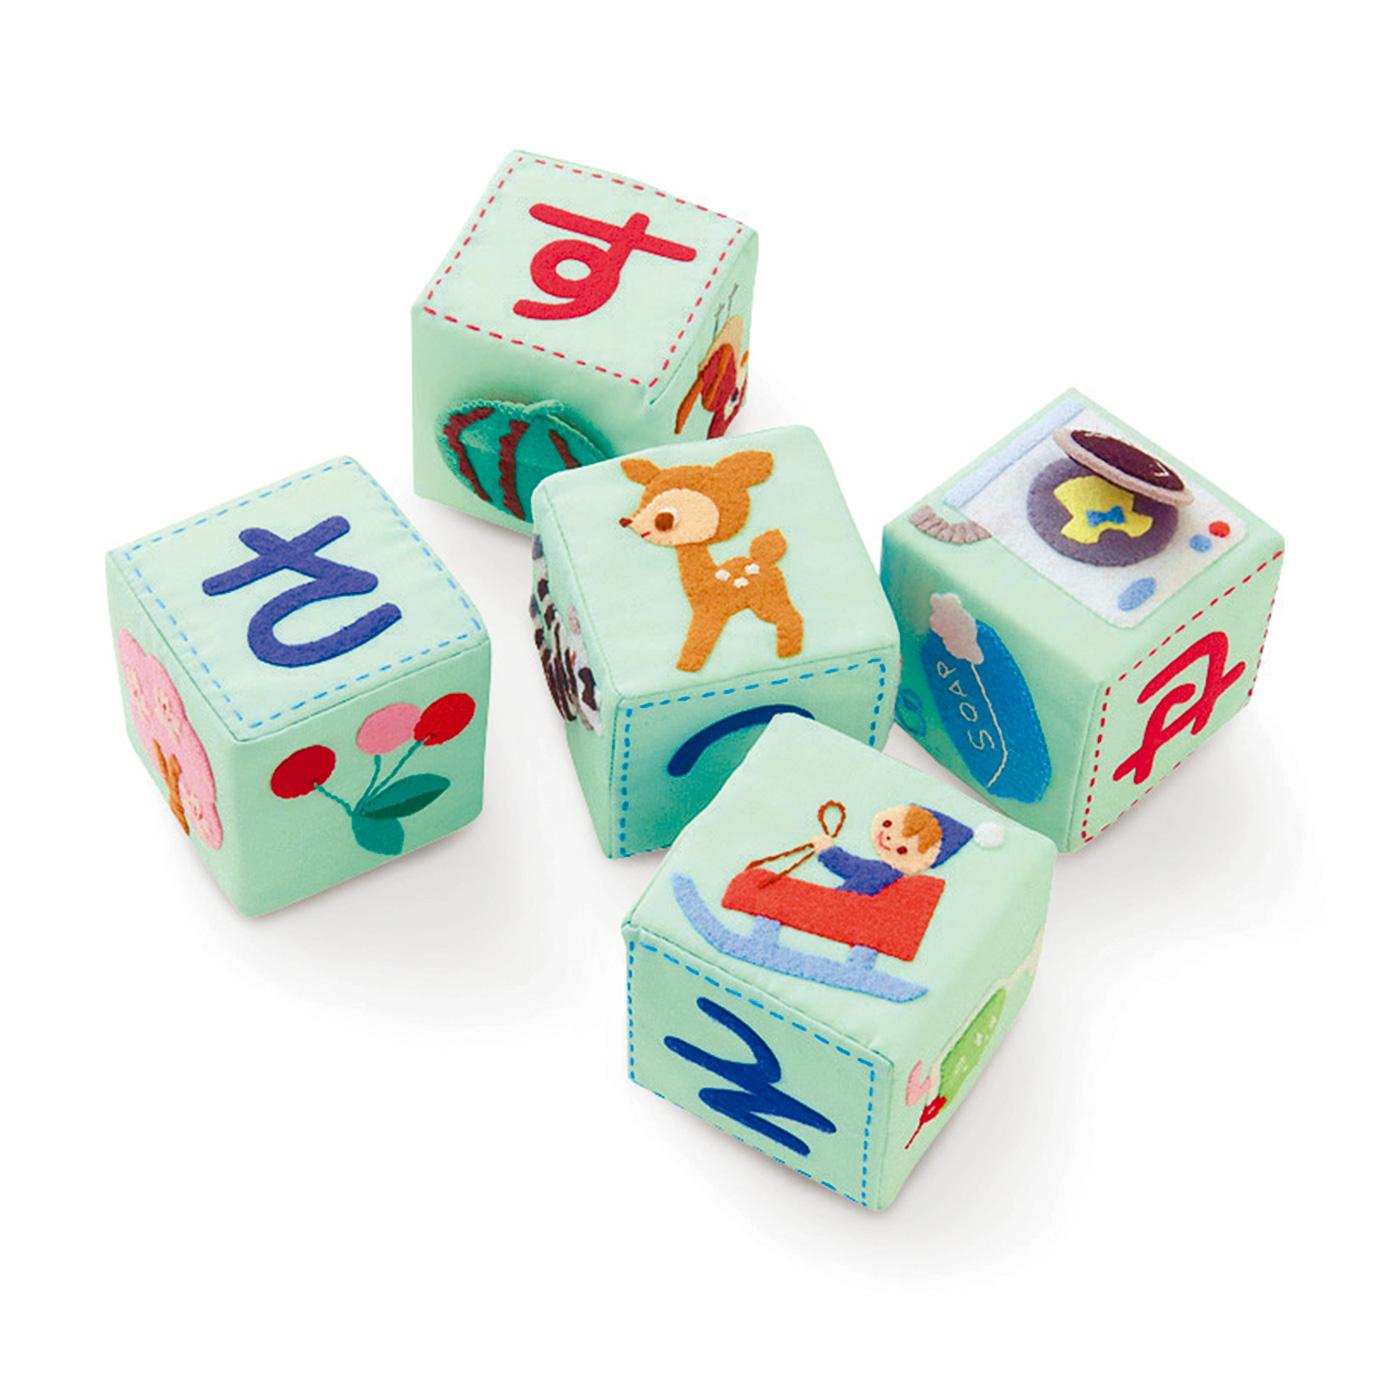 1回で5個のブロックが作れます。